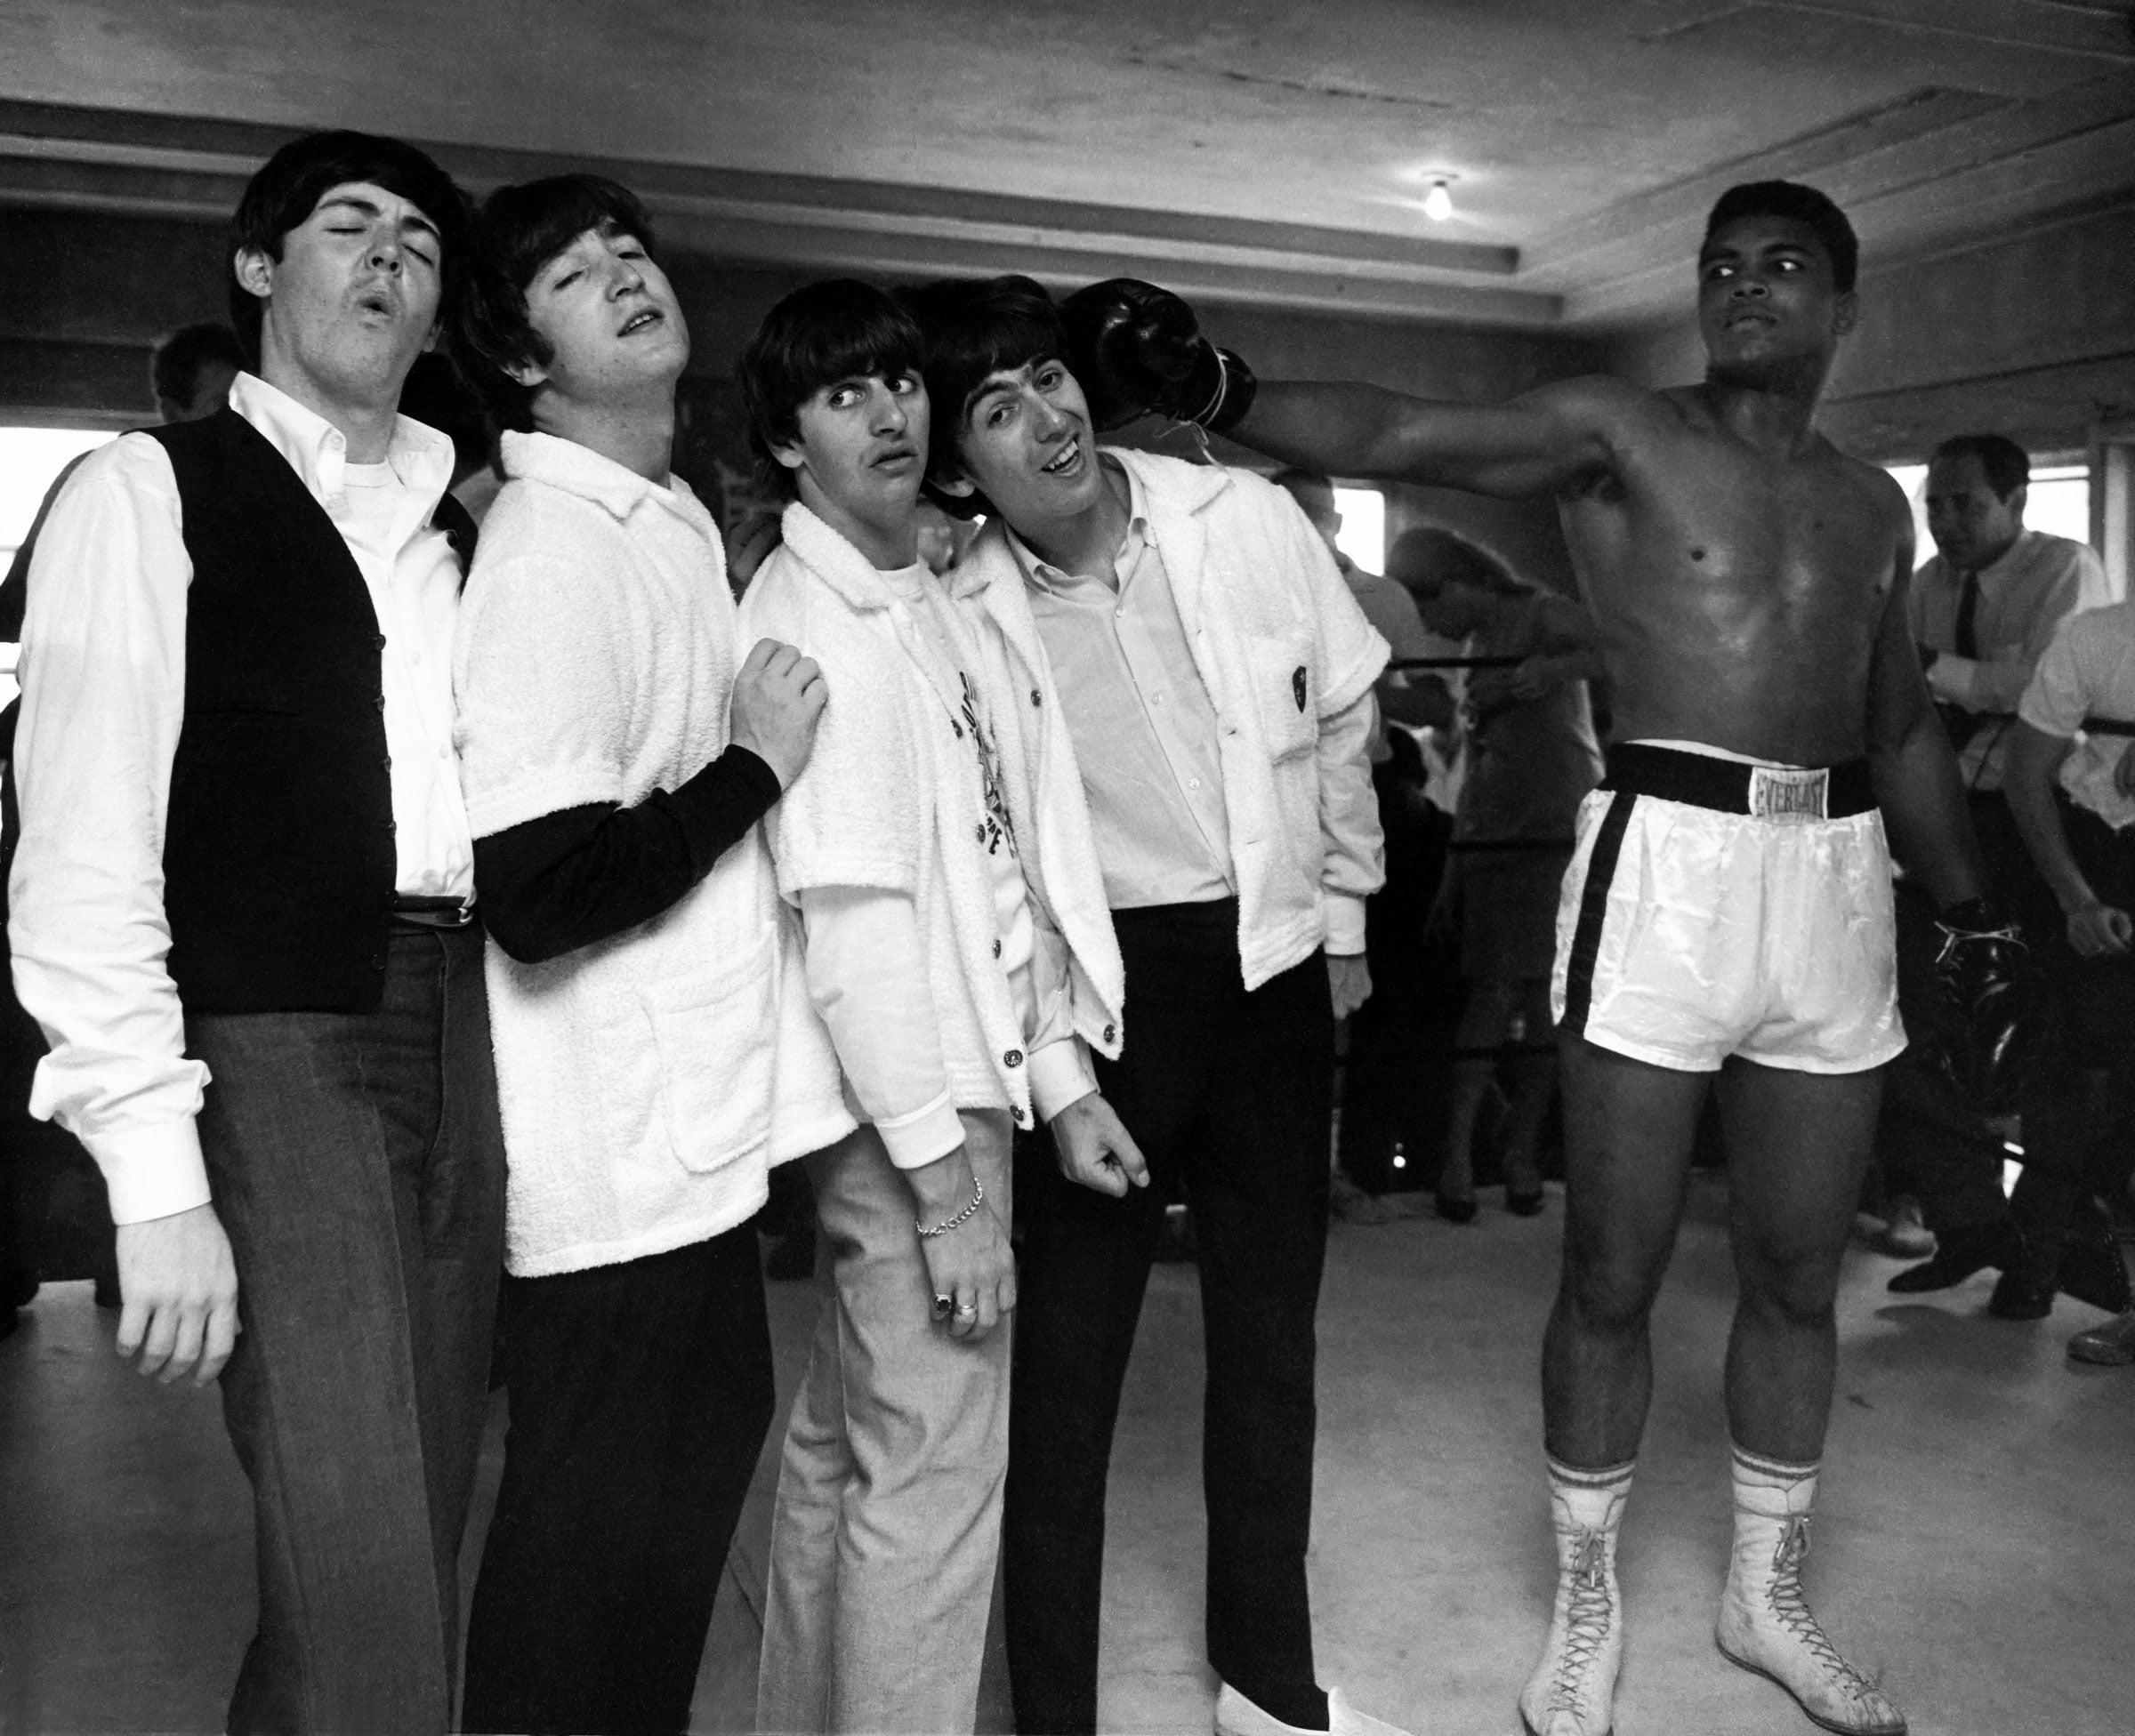 Beatles-Ali-Hits-George___USED-NORMAL-Retd.24-x-30.jpg